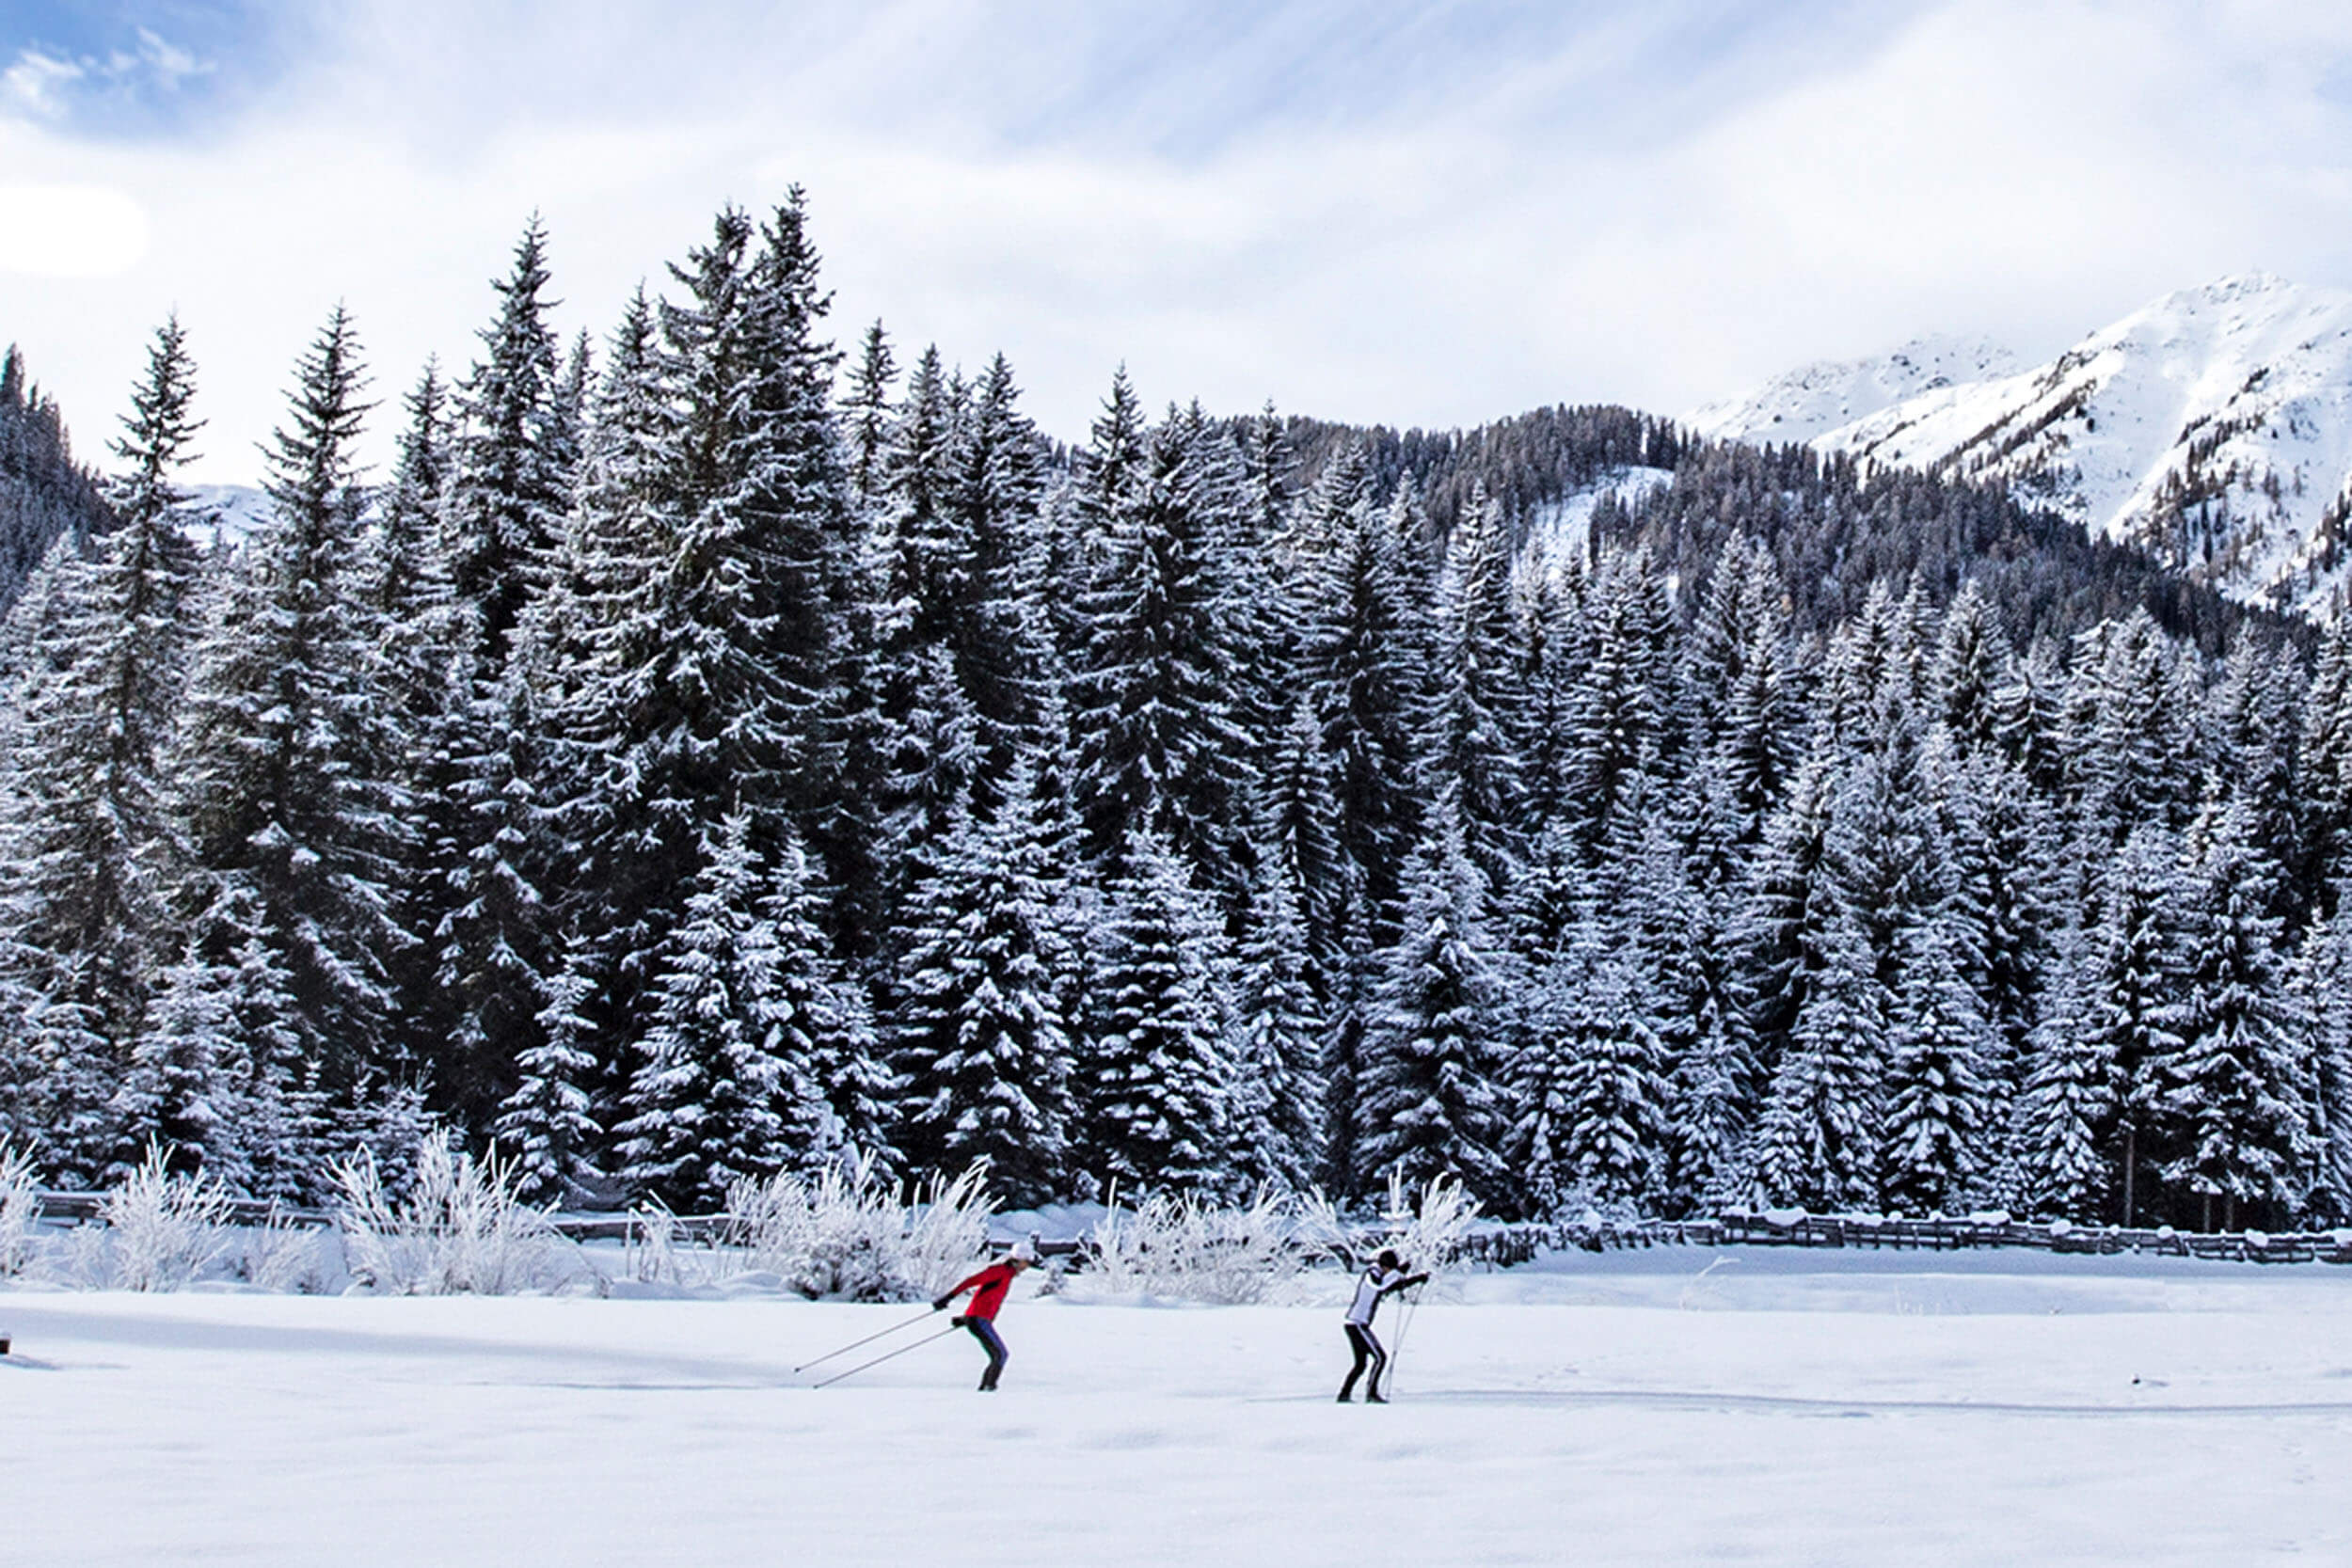 Langlaufen in Osttirol ©ChristianRiepler